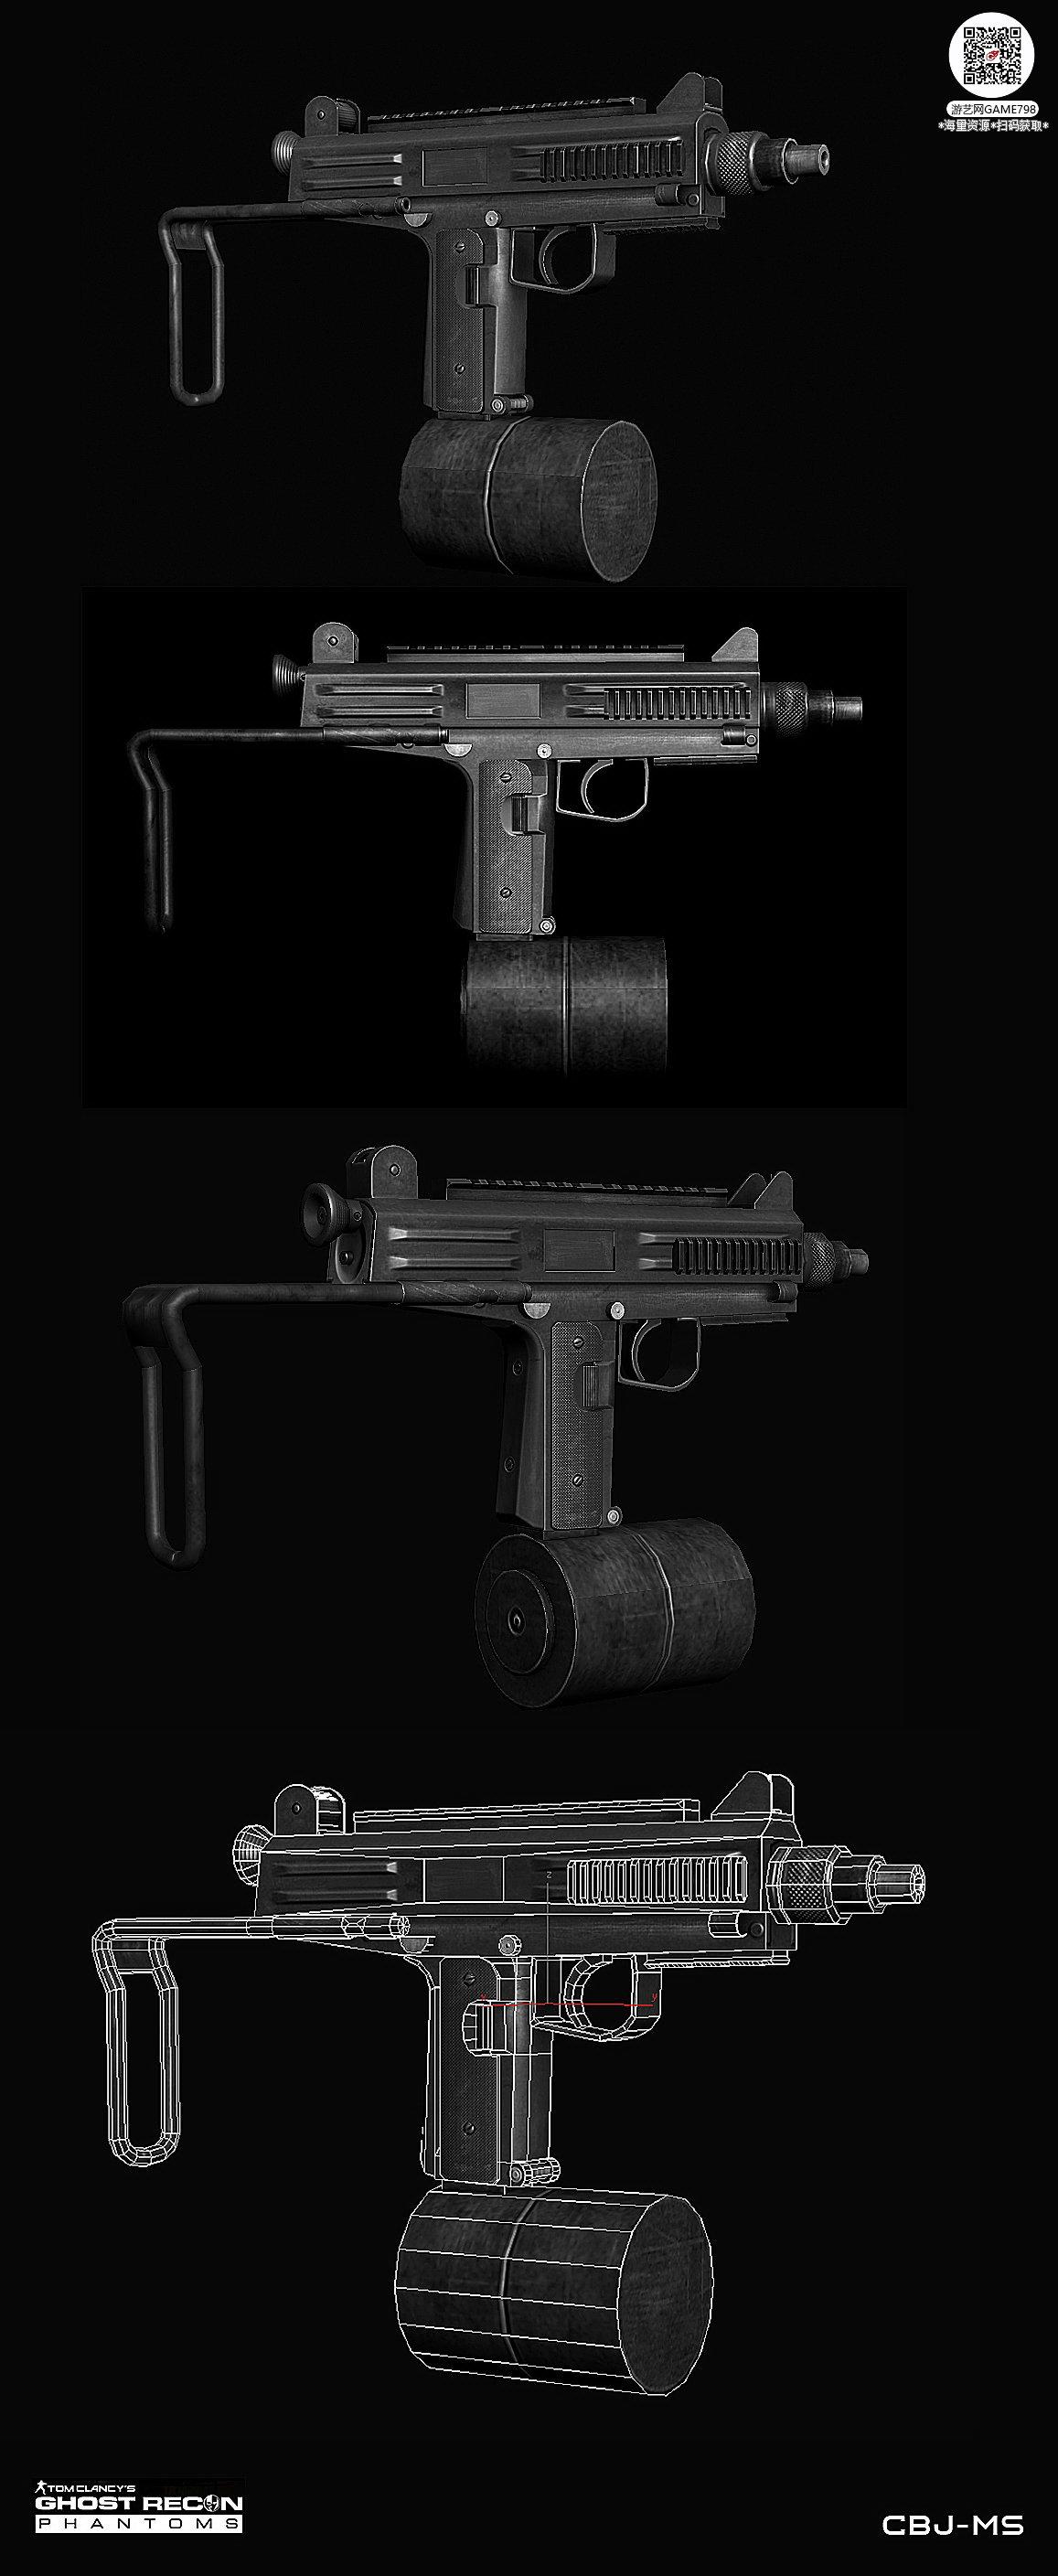 010_关注游艺网公众号获海量资源_幽灵行动未来战士次世代游戏3D模型参考原画概念设定.jpg